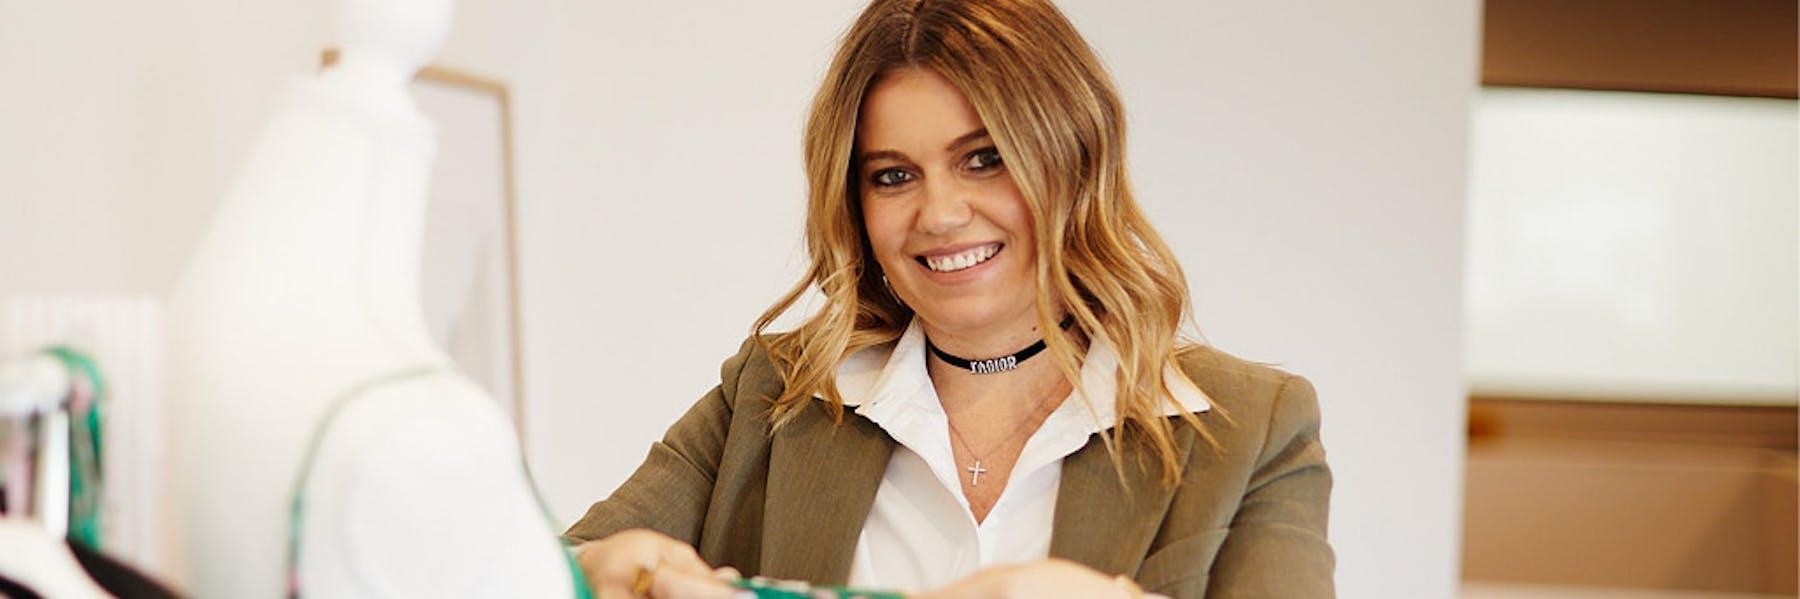 Olivia Carr, founder of Shhh Silk PHOTO: Kristoffer Paulsen